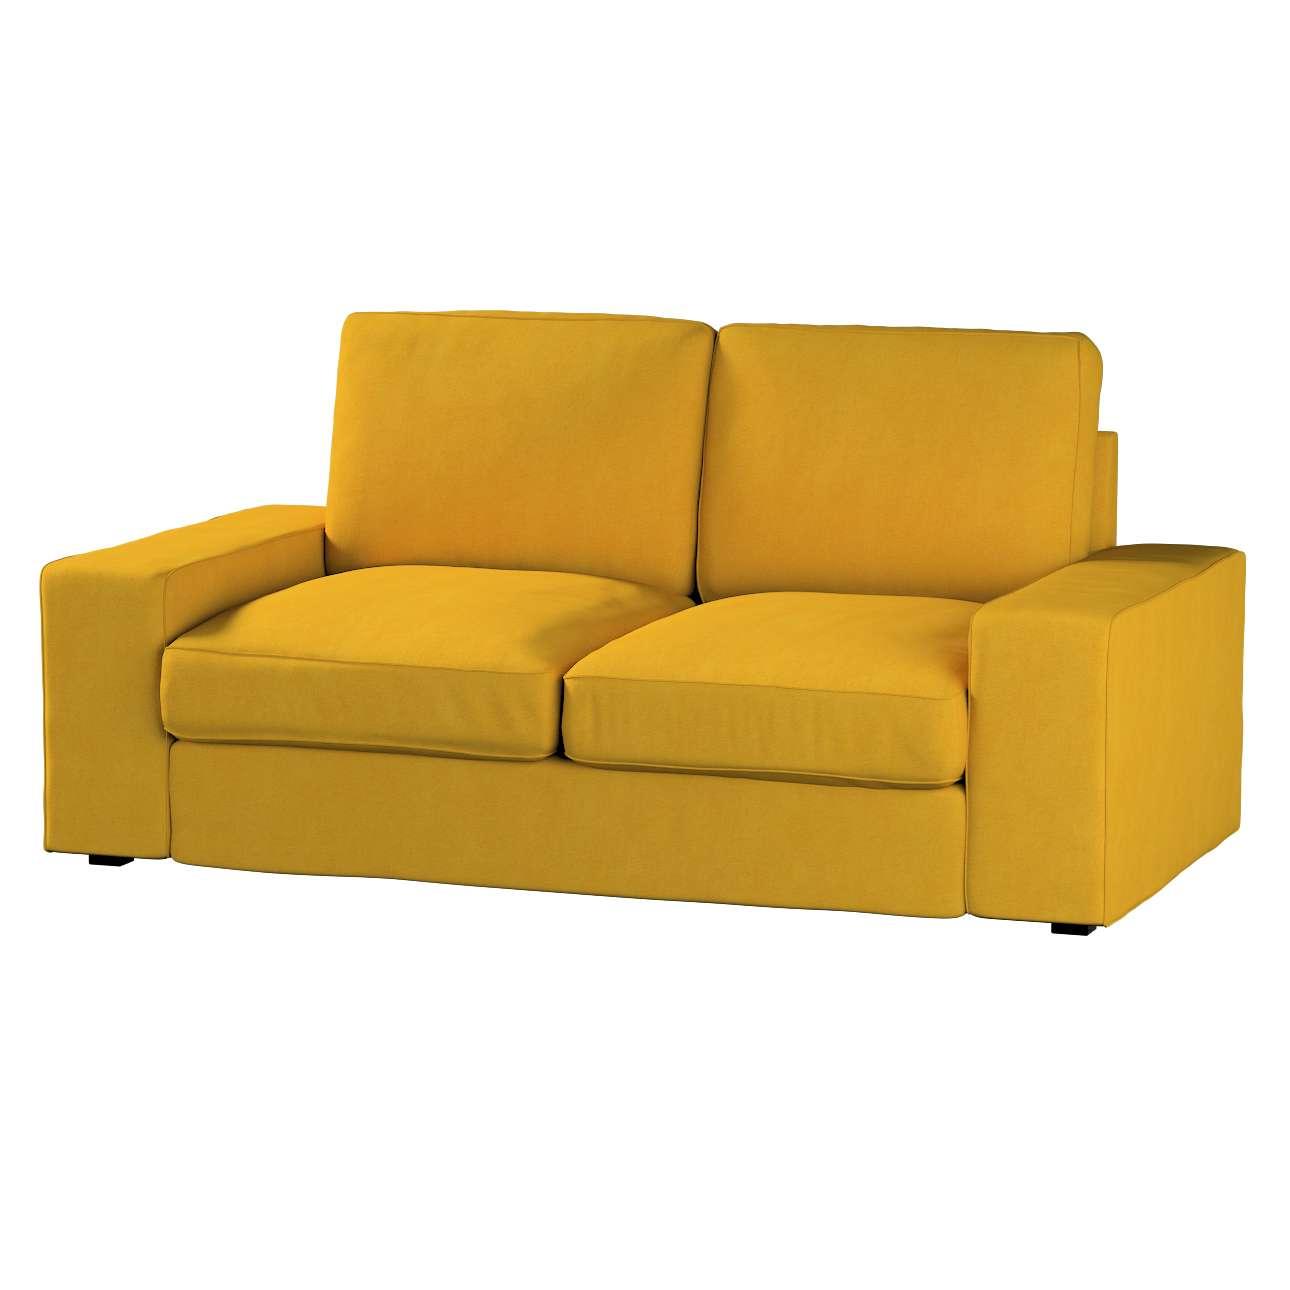 Pokrowiec na sofę Kivik 2-osobową, nierozkładaną Sofa Kivik 2-osobowa w kolekcji Etna , tkanina: 705-04